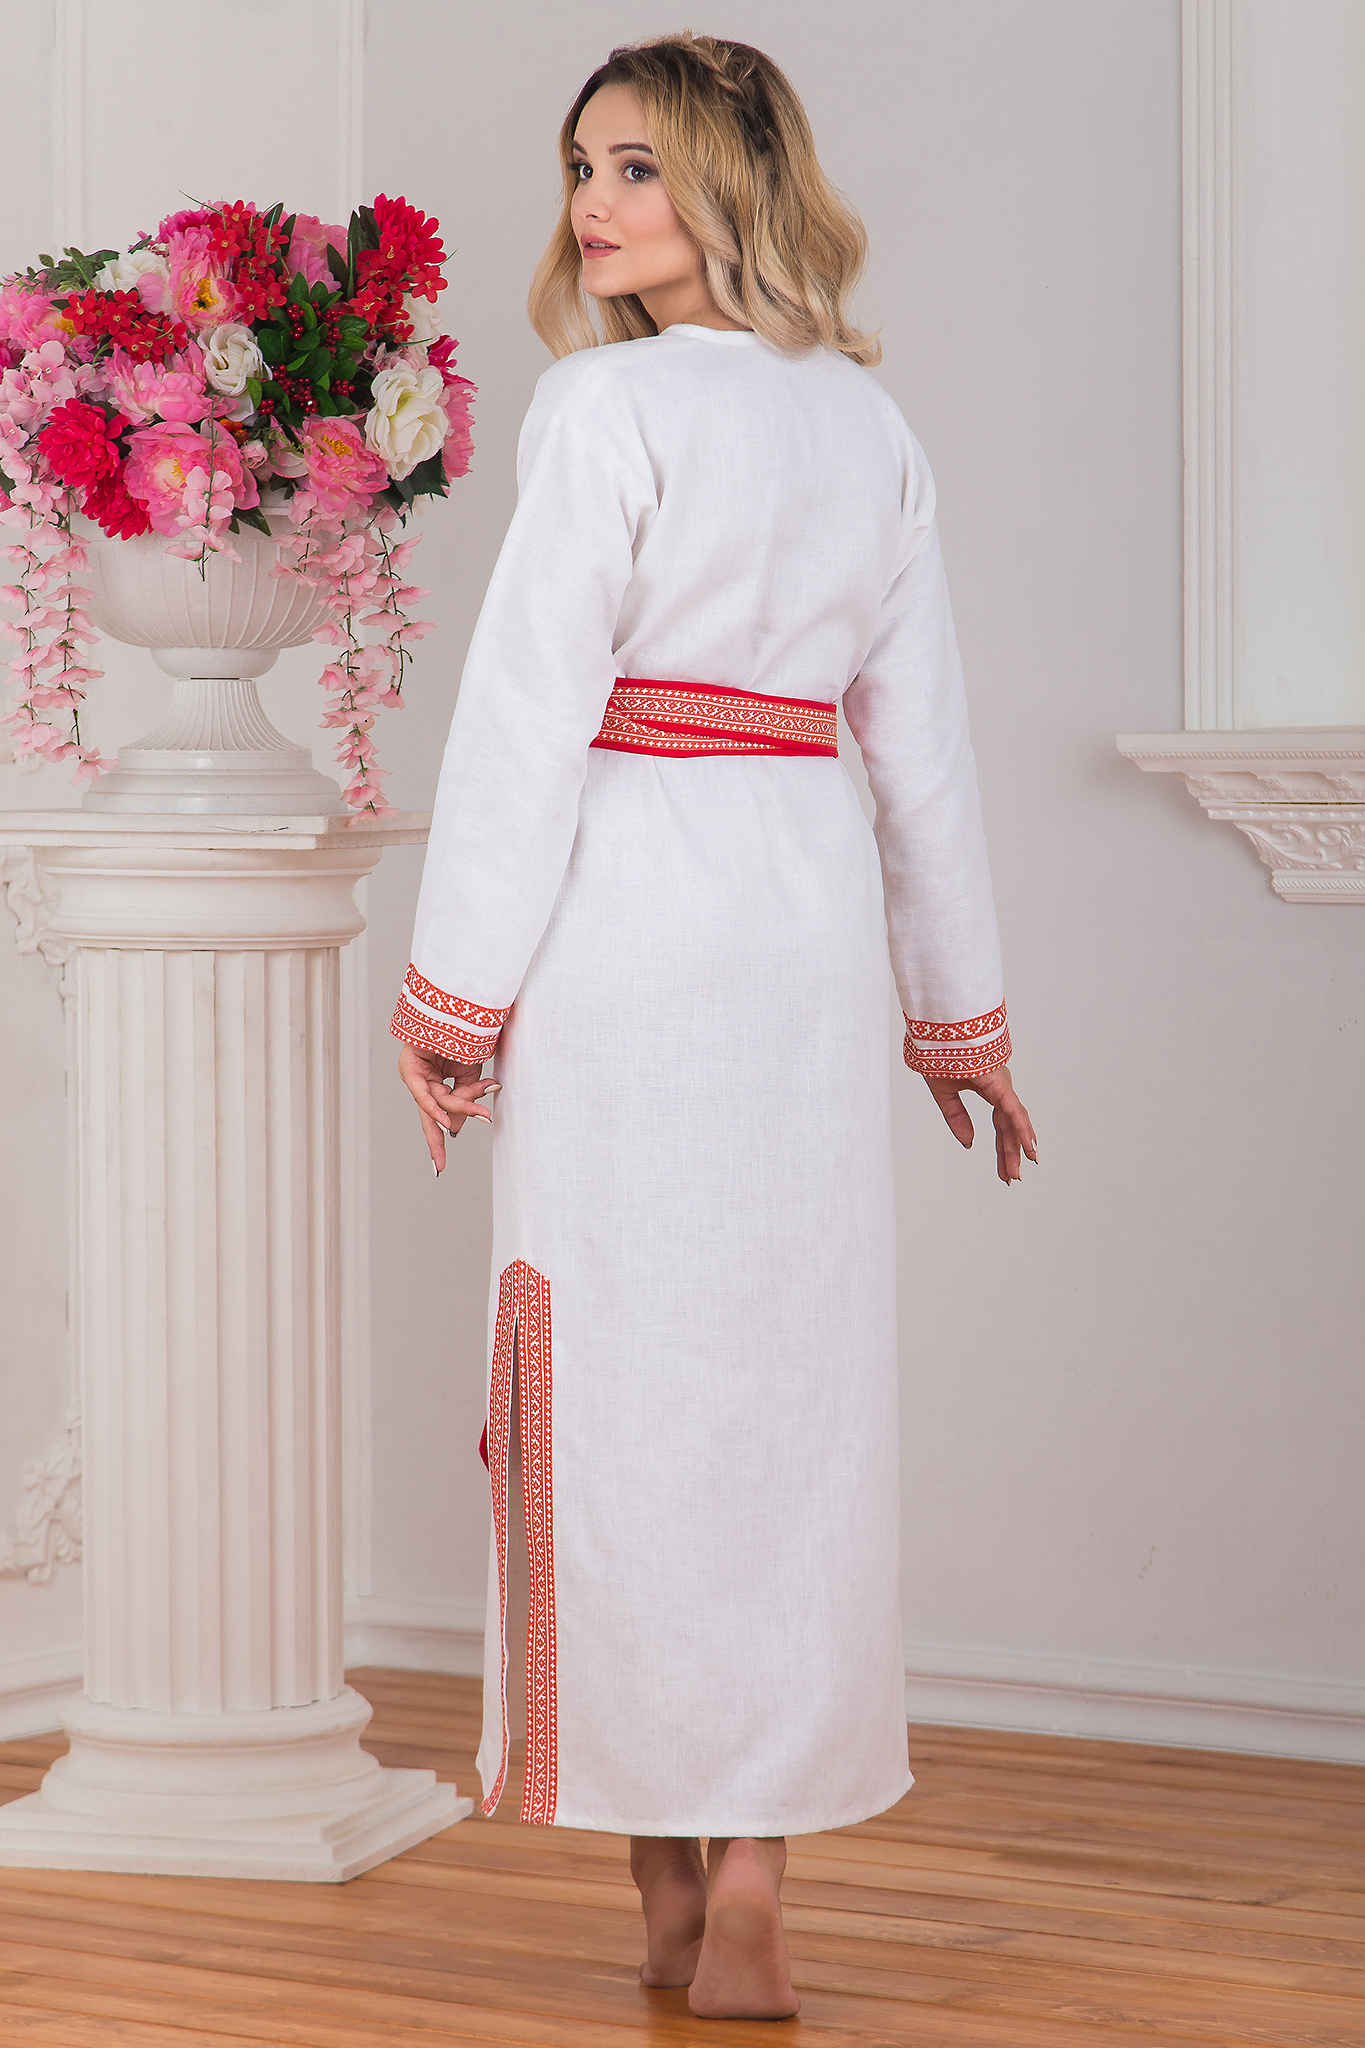 Славянская одежда в интернет магазине Иванка, Женская славянская рубаха Верная вид сзади